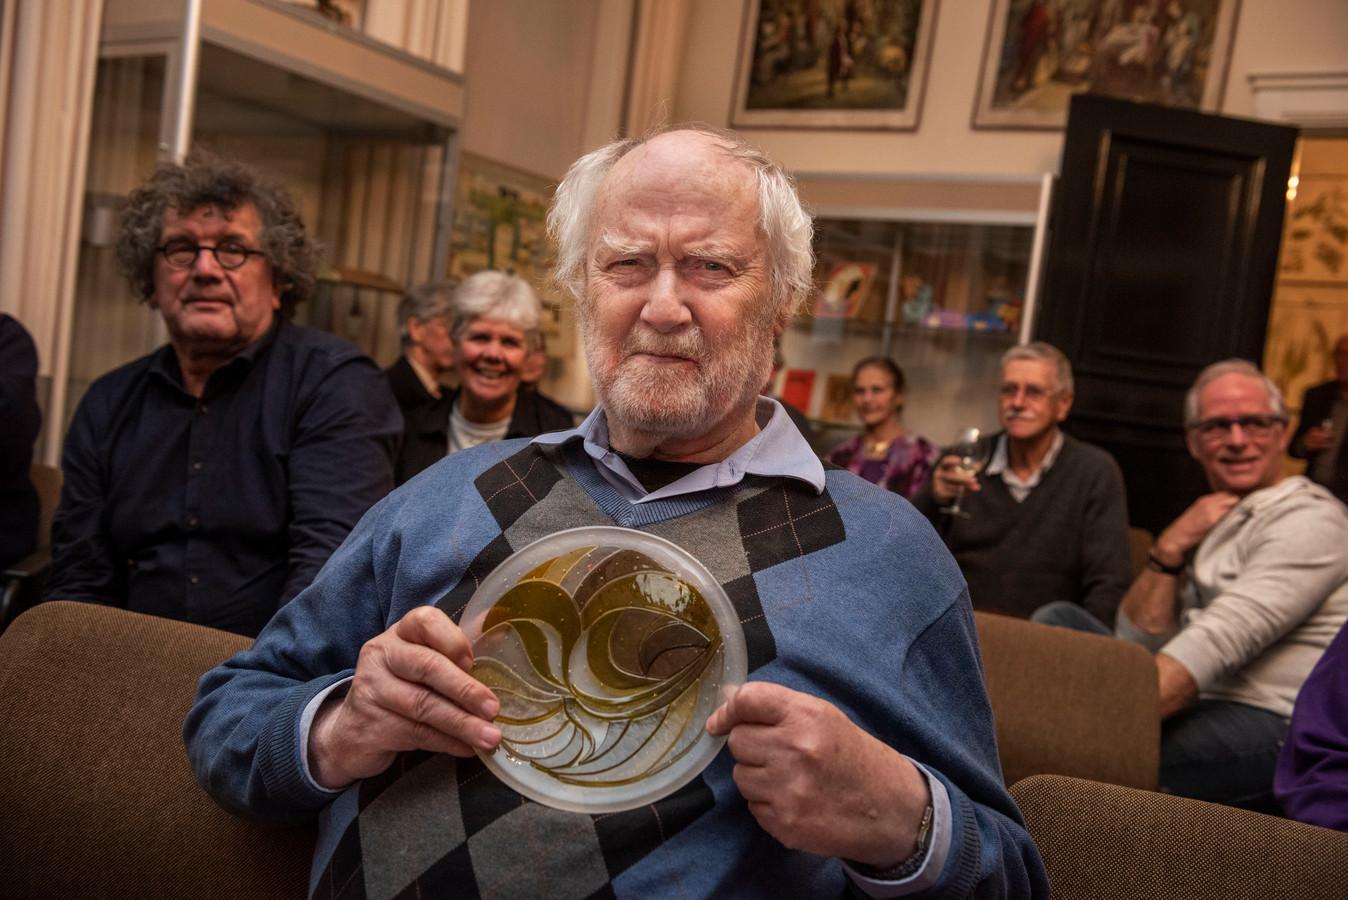 Twee winnaars, Henk Groenhuis, kunstenaar, beeldhouwer, corsowagen ontwerper en bekend van het Corsomeisje. (Tweede winnaar cultureel centrum De Weeghreyse. Uitreiking door wethouder Twan Zopfi.)